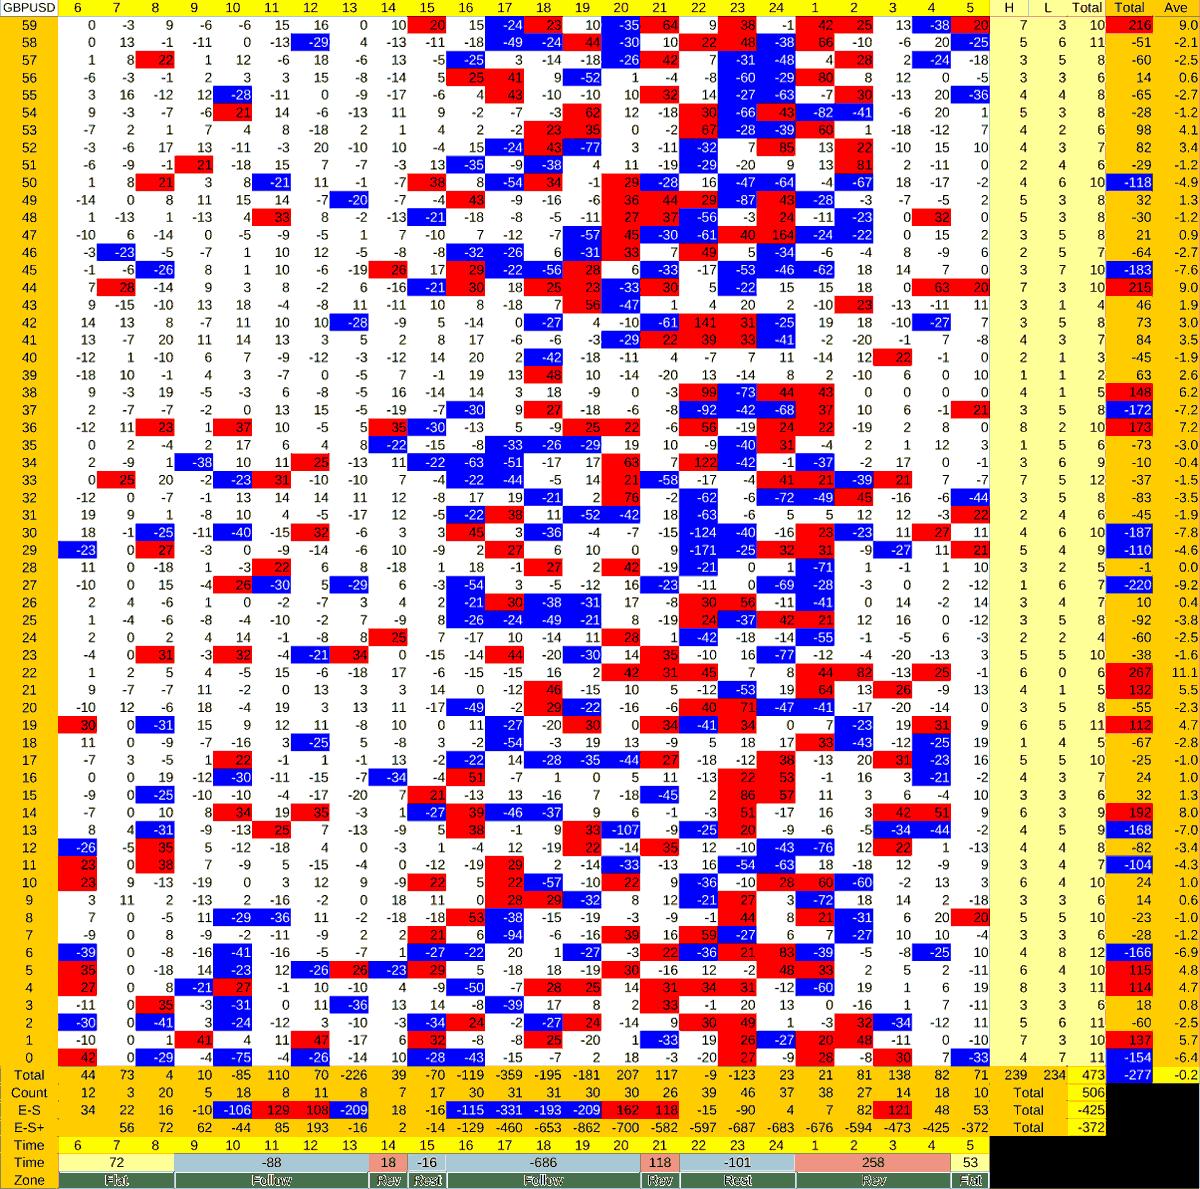 20210305_HS(2)GBPUSD